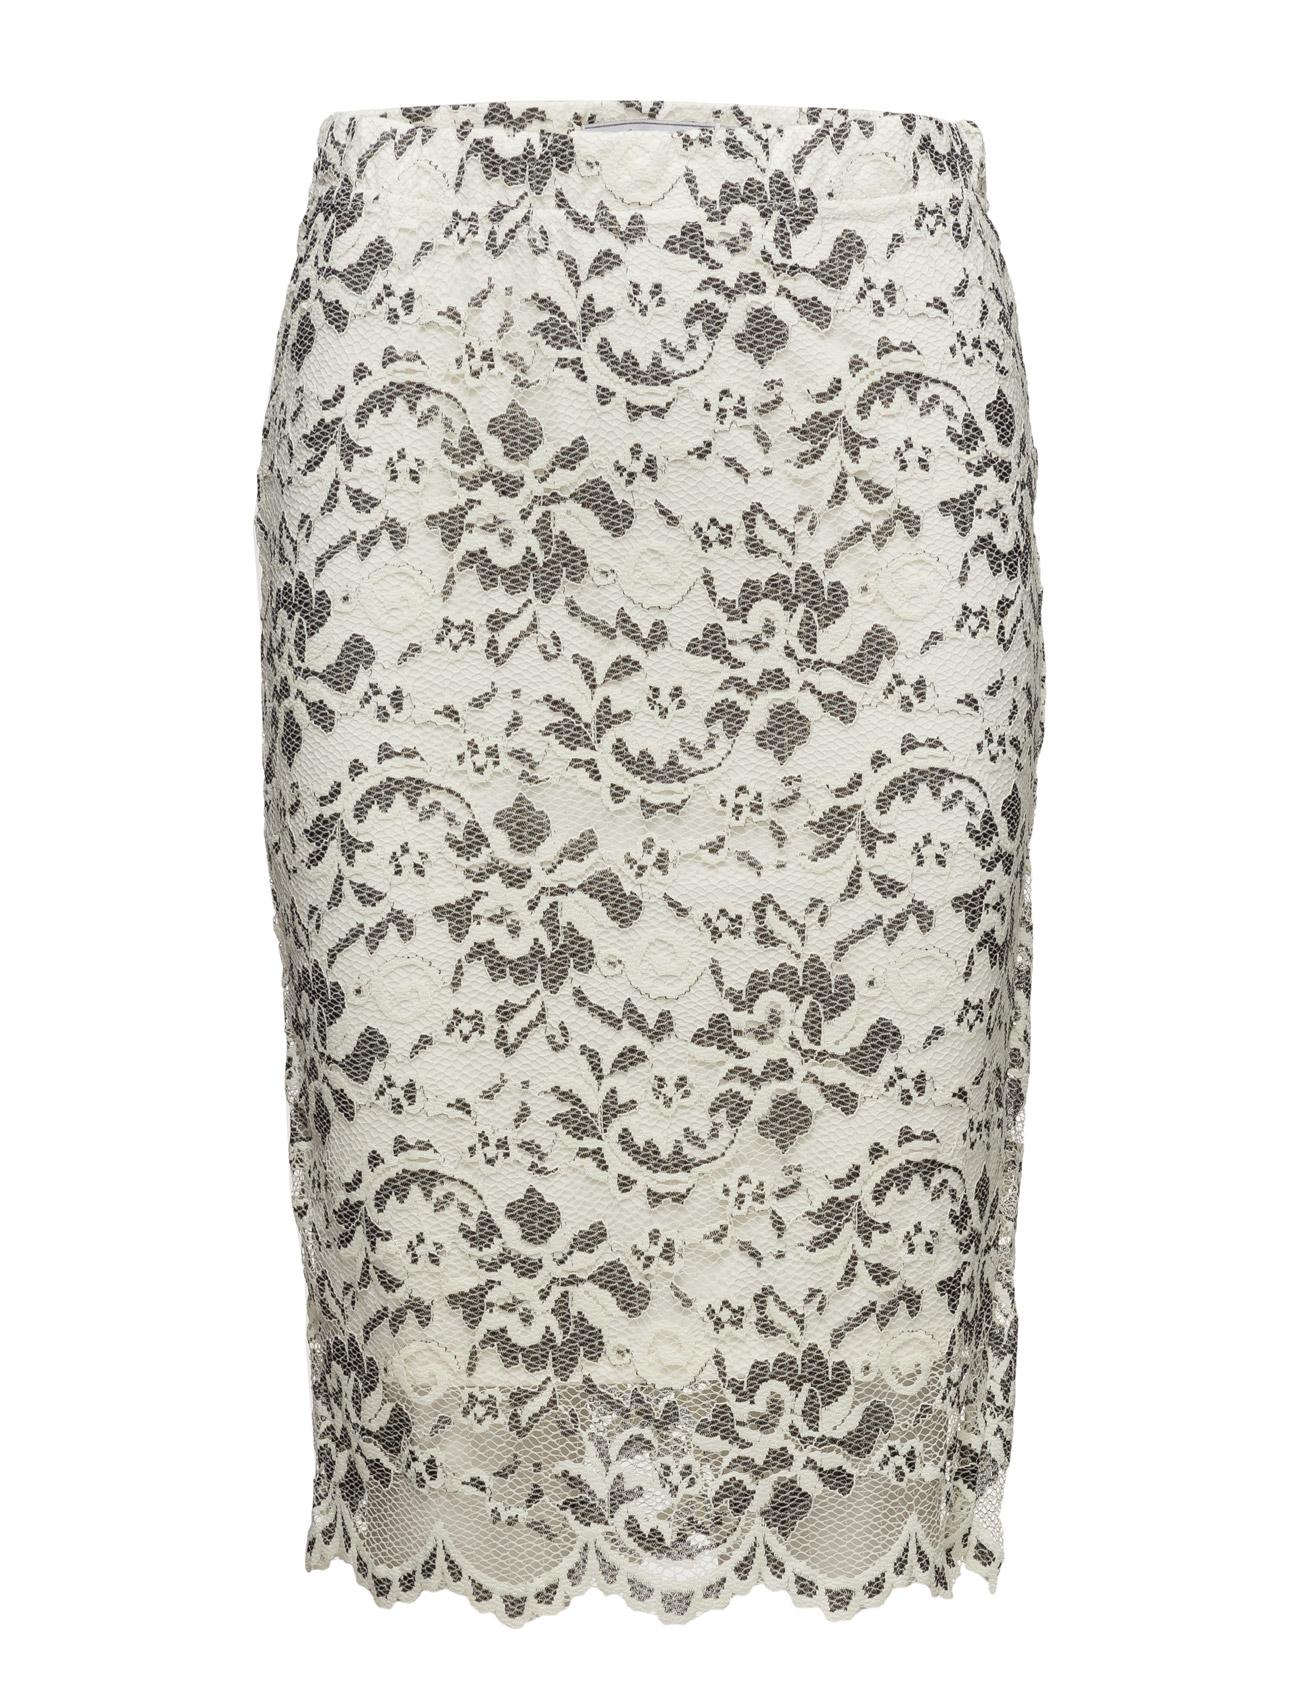 ae34191157d Bestil Gilace 4 Skirt Fransa Nederdele i Antique Mix til Kvinder hos Boozt